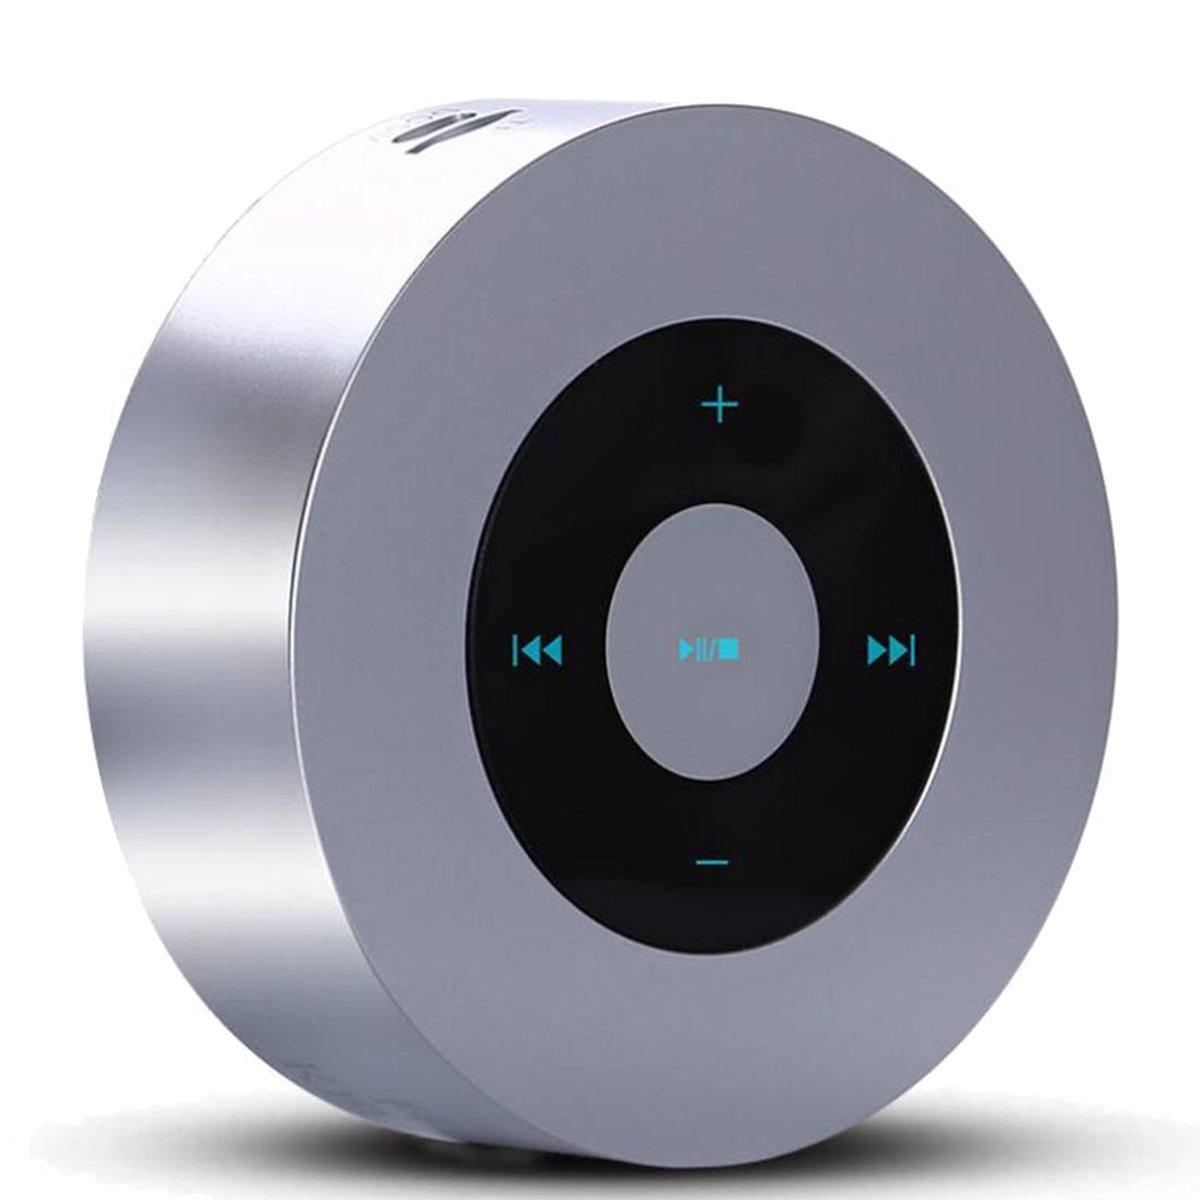 Портативный Беспроводной Bluetooth динамики стерео дома/открытый аудио для мобильного Loptap A8 Тиран золото пространство серебро розовое золото